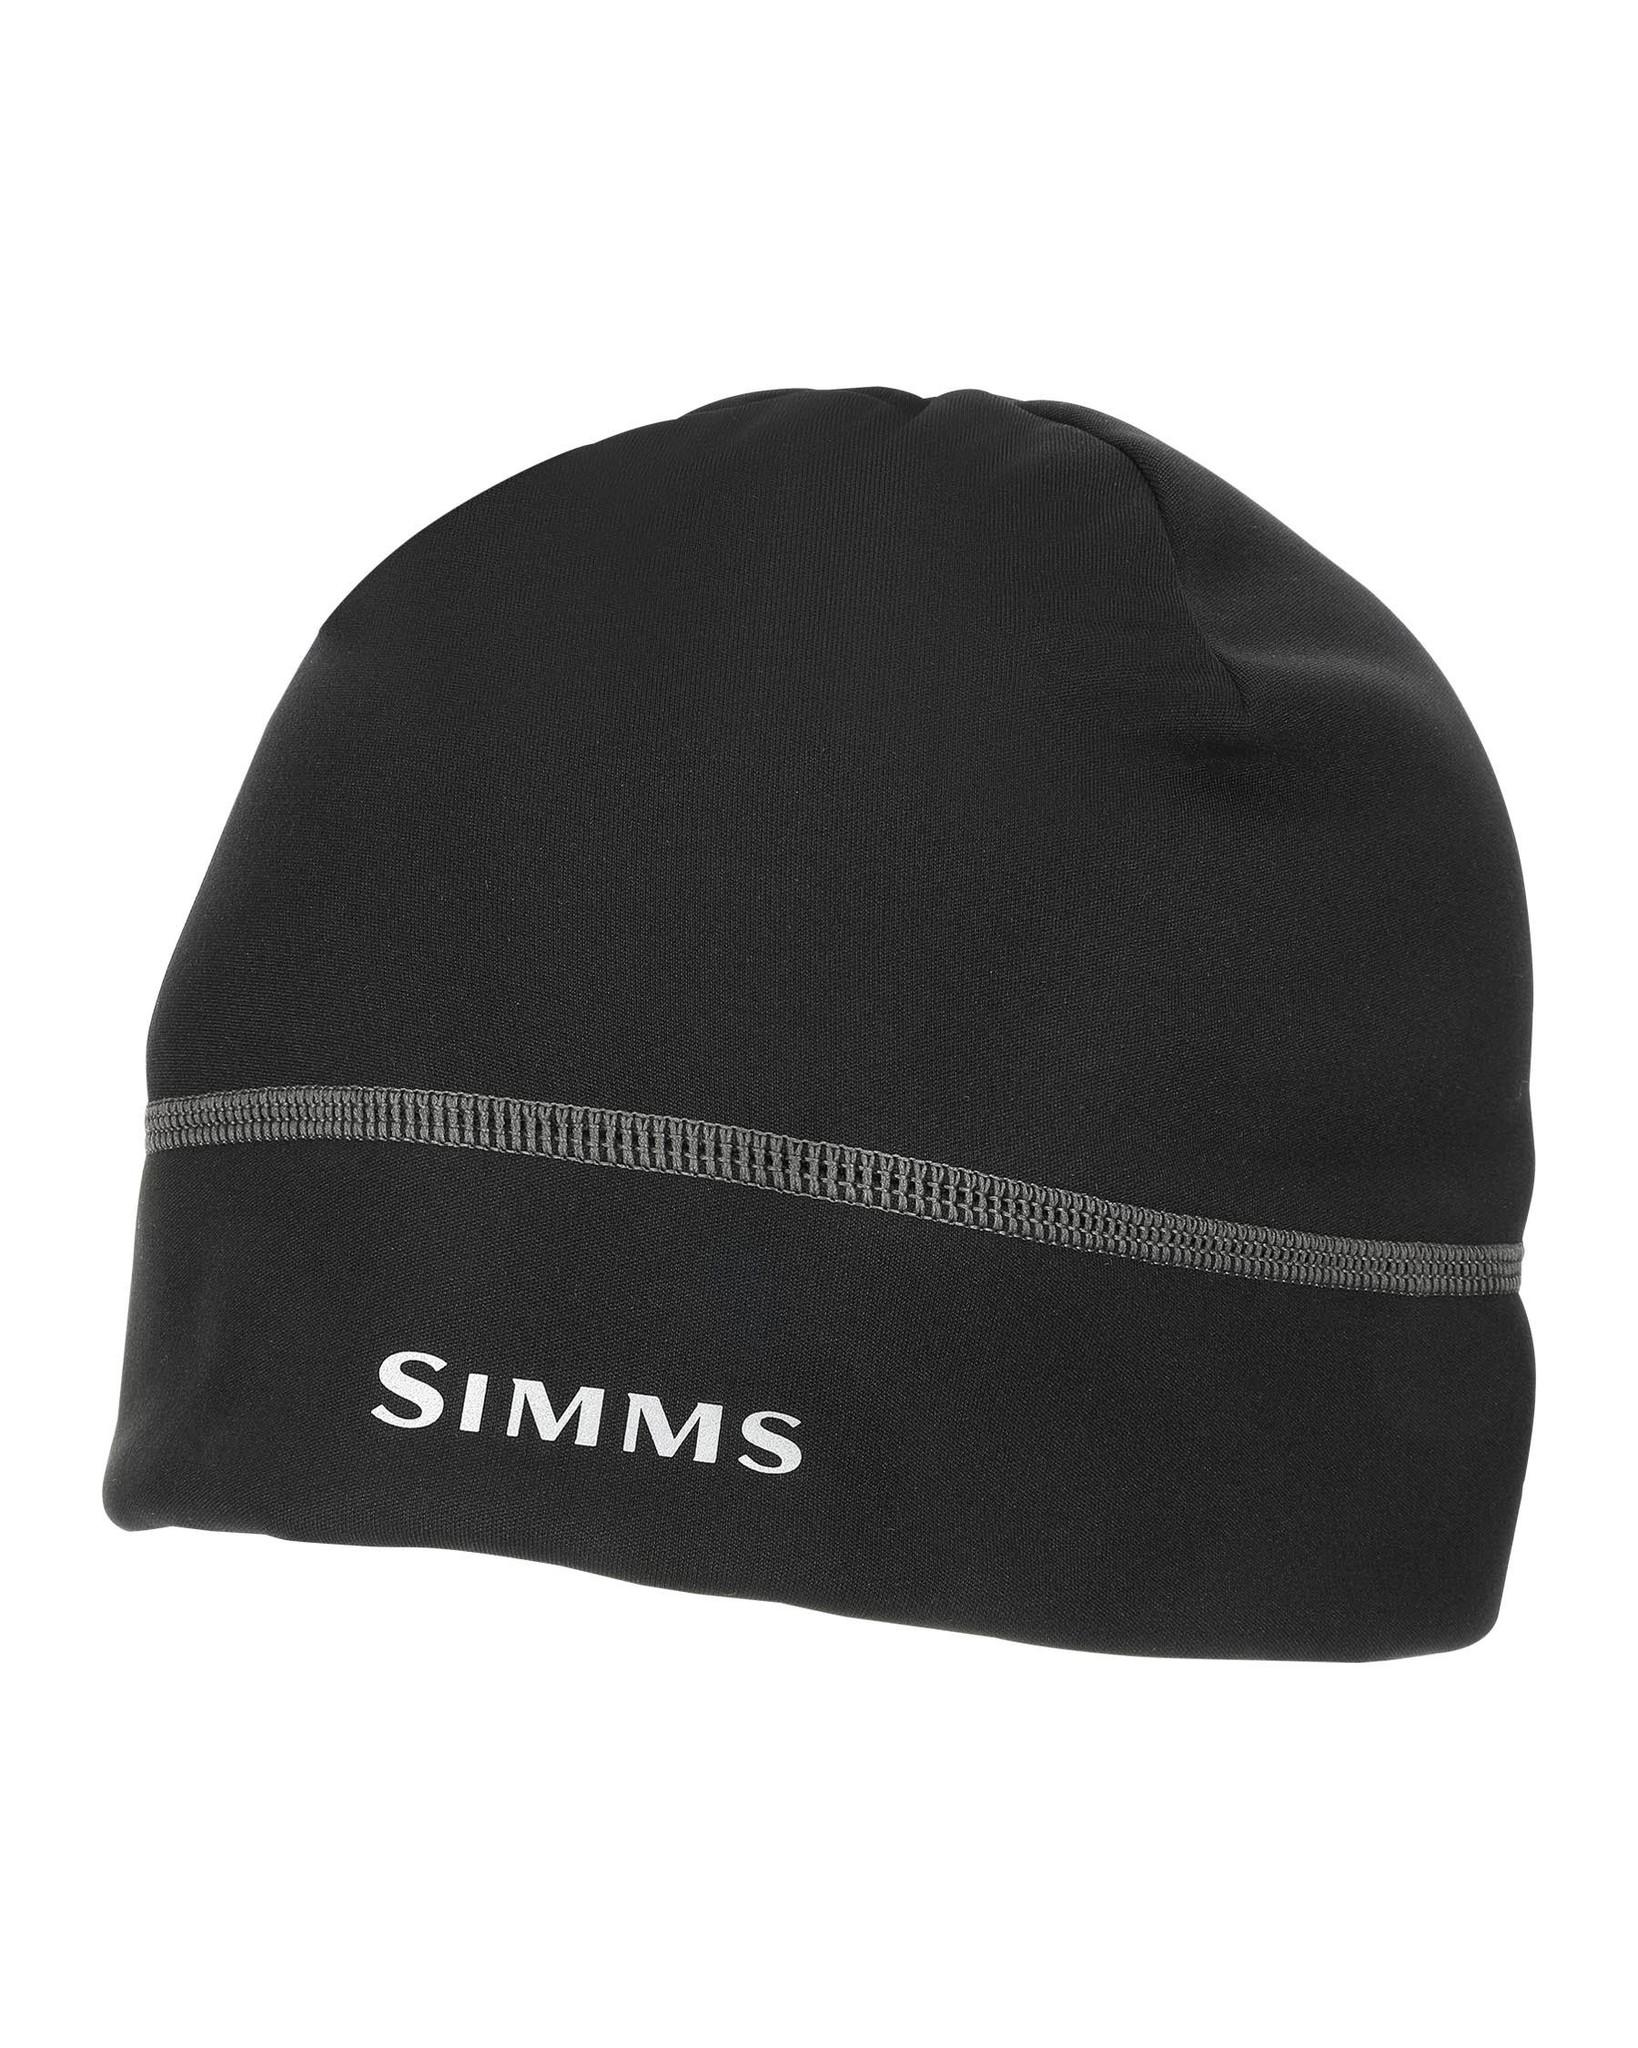 SIMMS Gore Infinium Wind Beanie